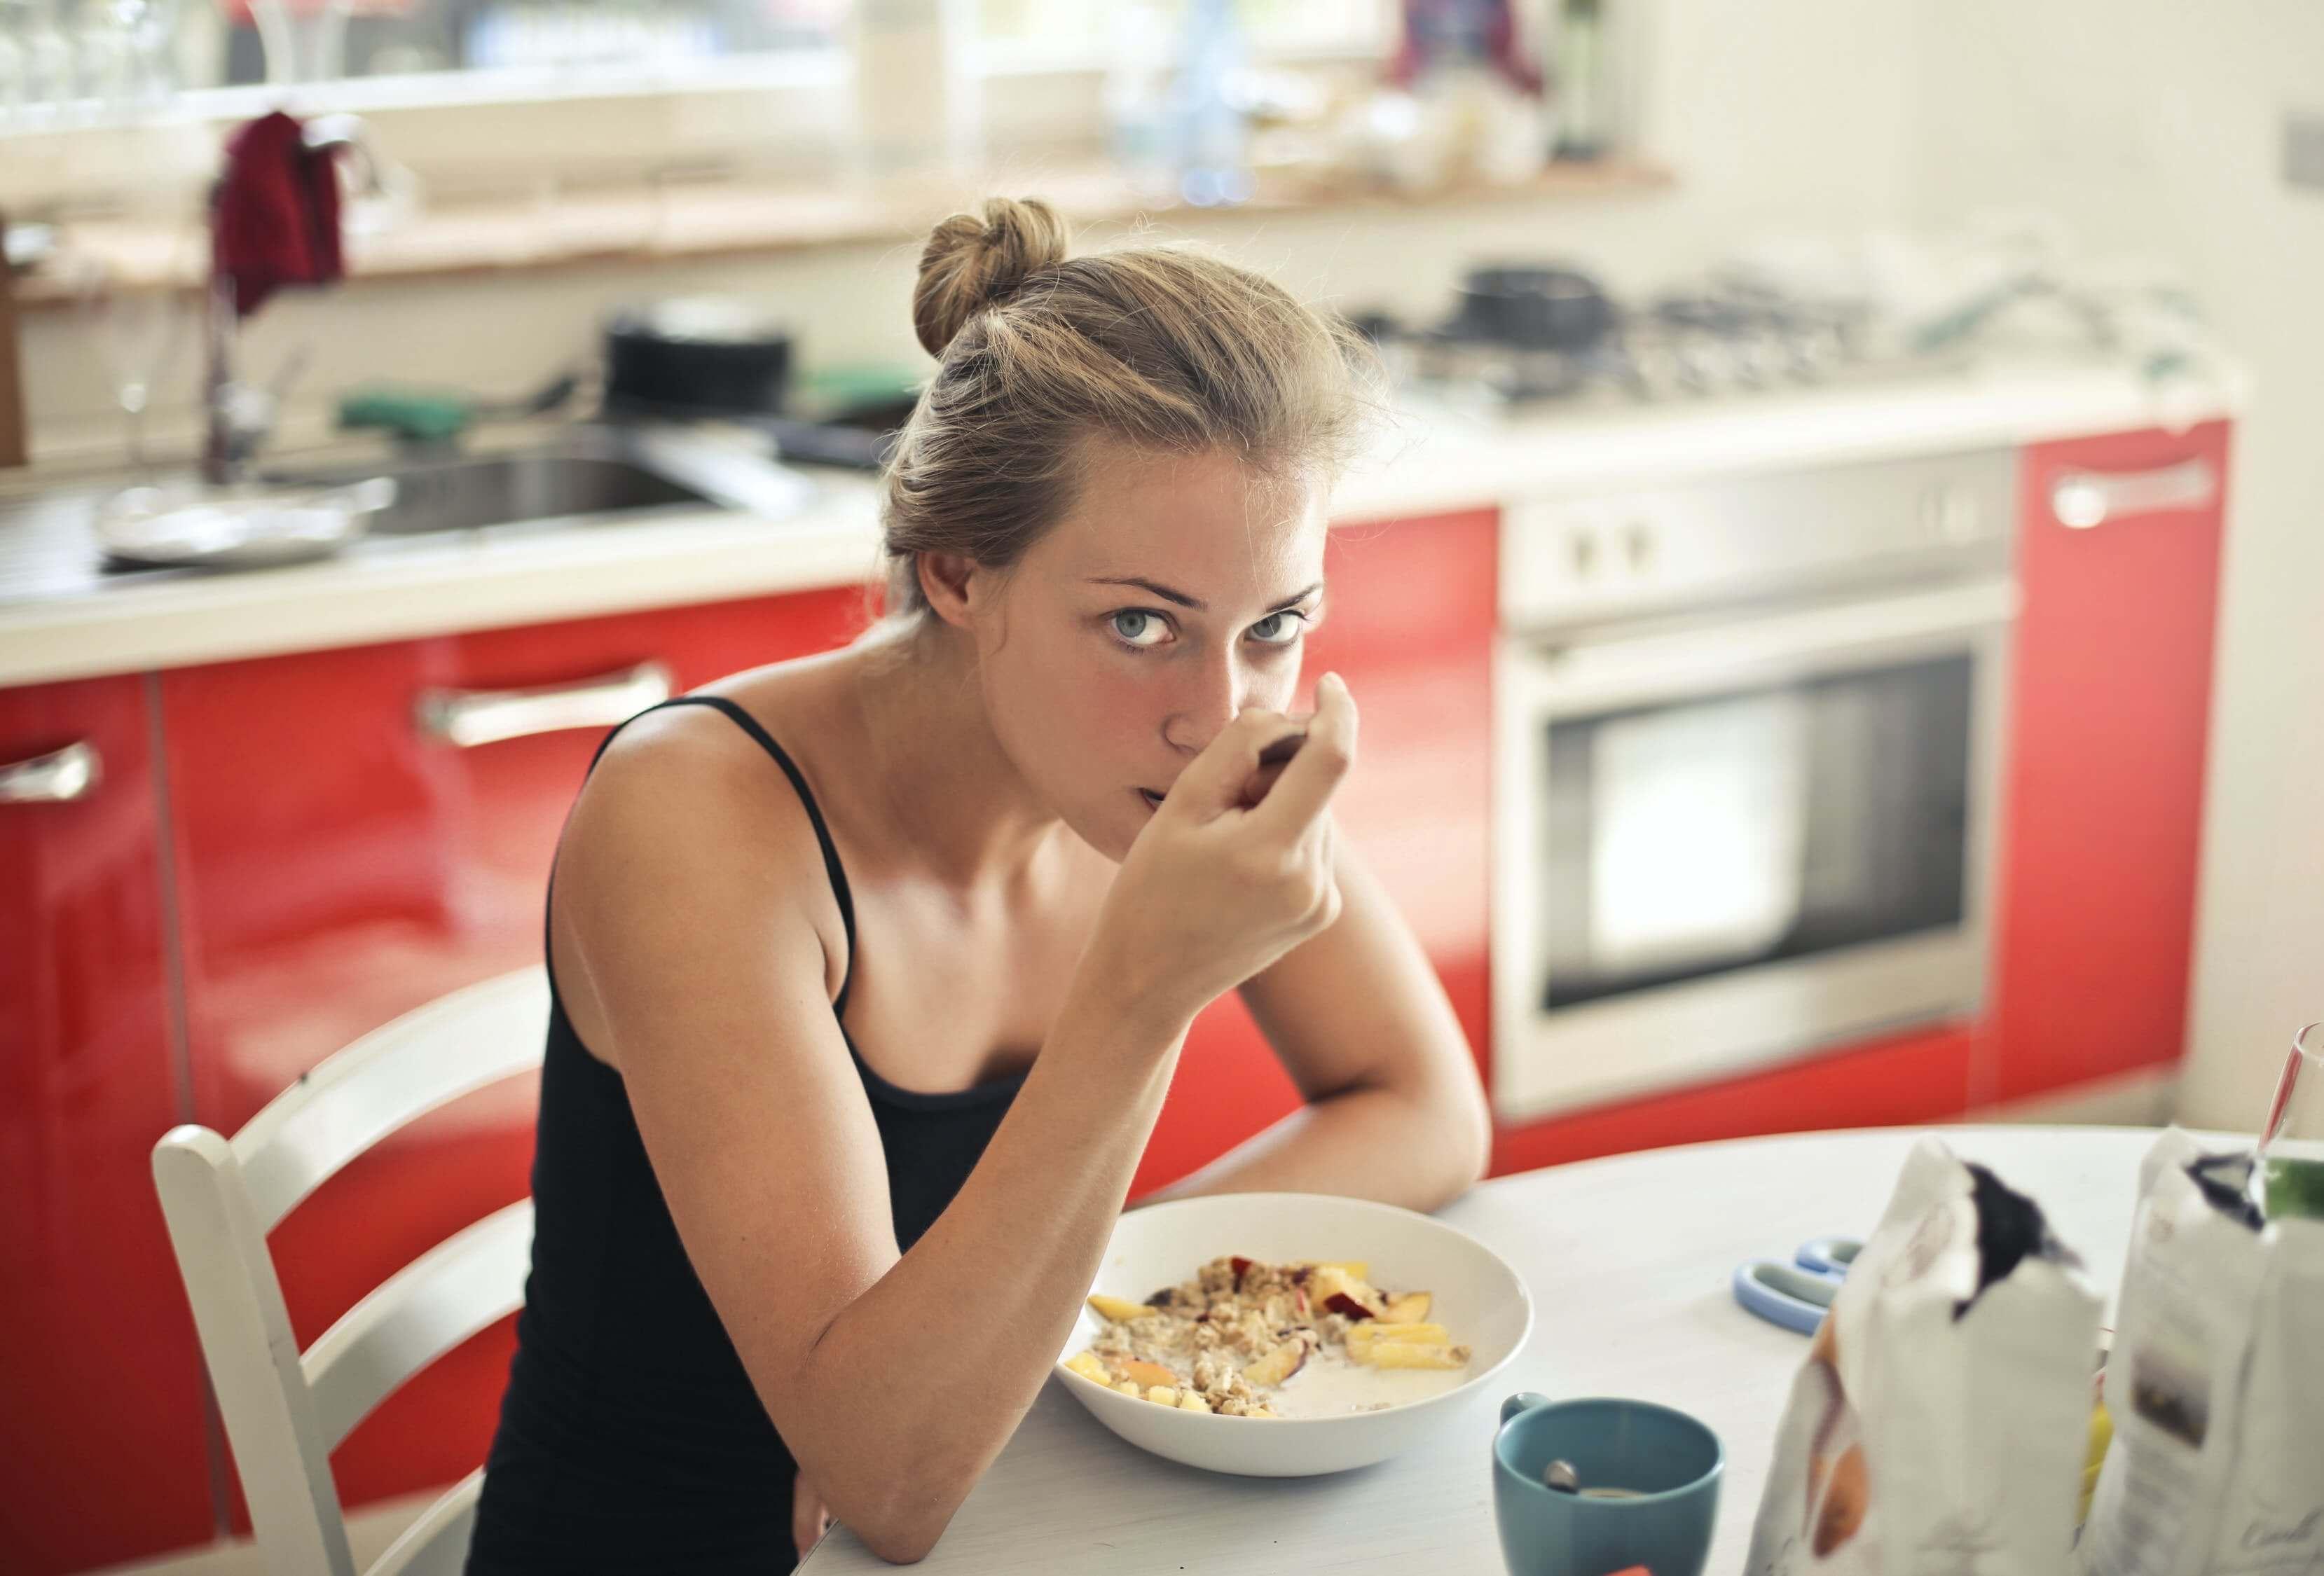 Νεαρή ξανθιά γυναίκα τρώει δημητριακά για πρωινό στο τραπέζι της κουζίνας